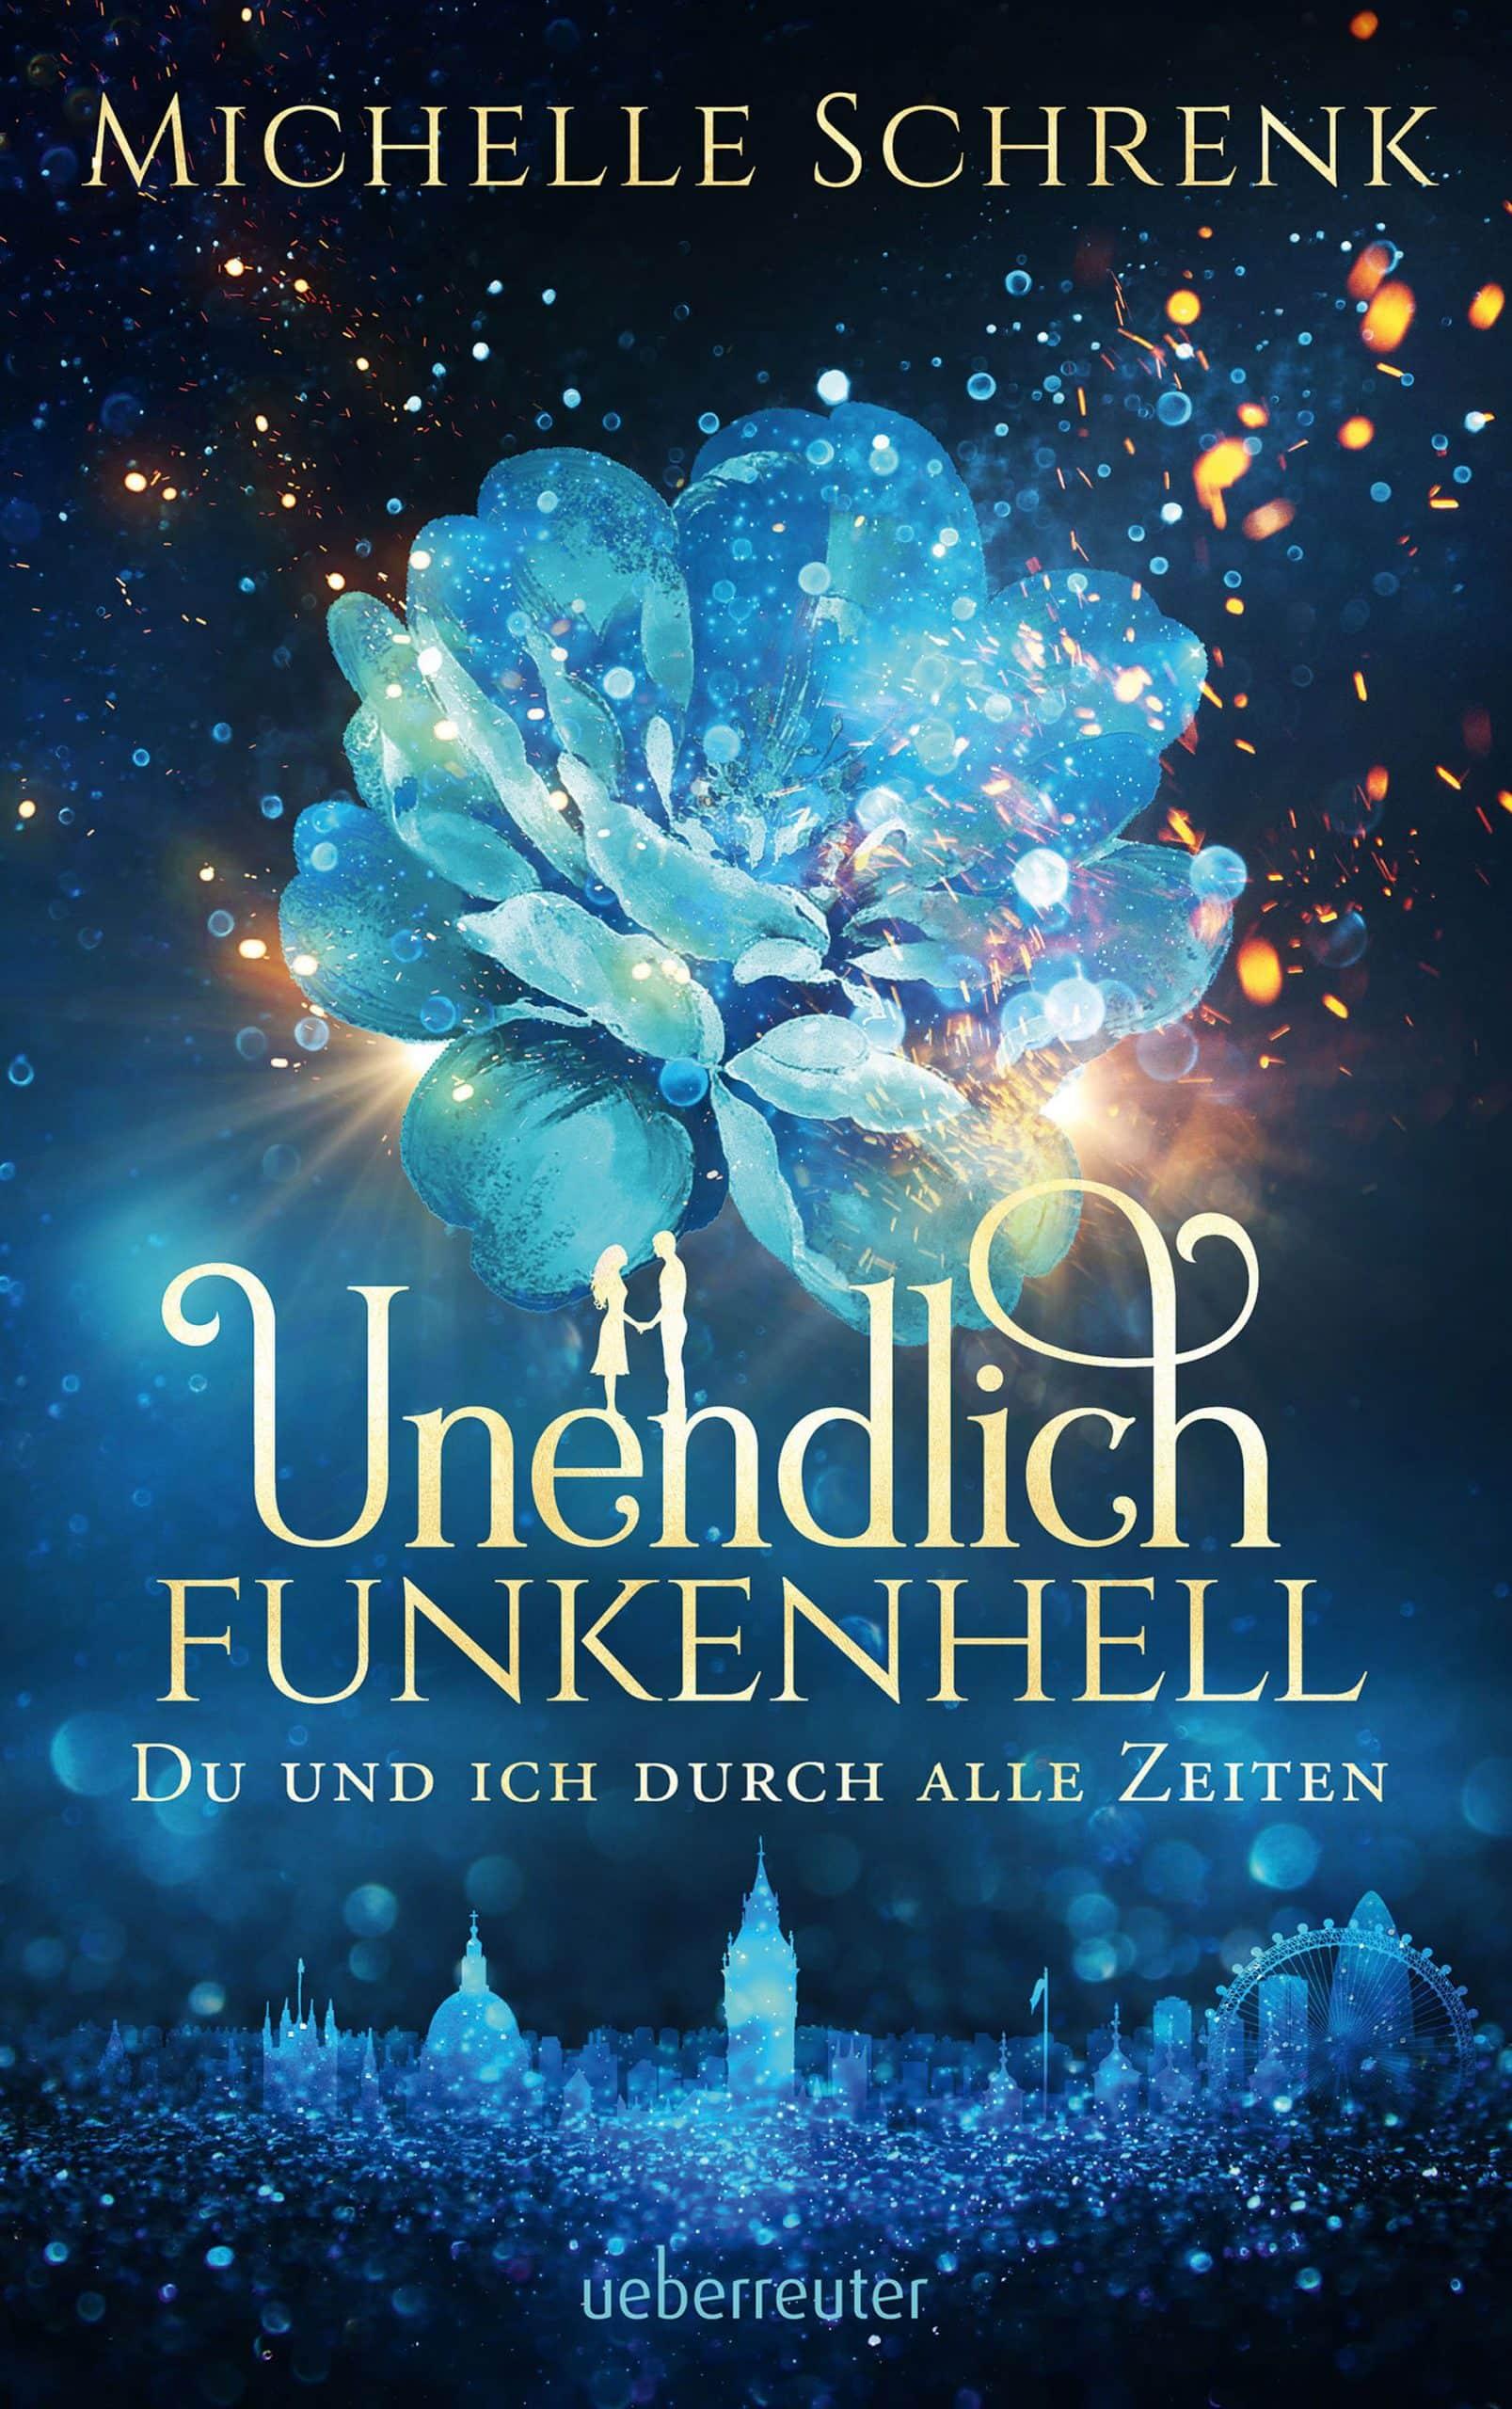 Bücherblog. Neuerscheinungen. Buchcover. Unendlich funkenhell - Du und ich durch alle Zeiten von Michelle Schrenk. Fantasy. Jugendbuch. ueberreuter.